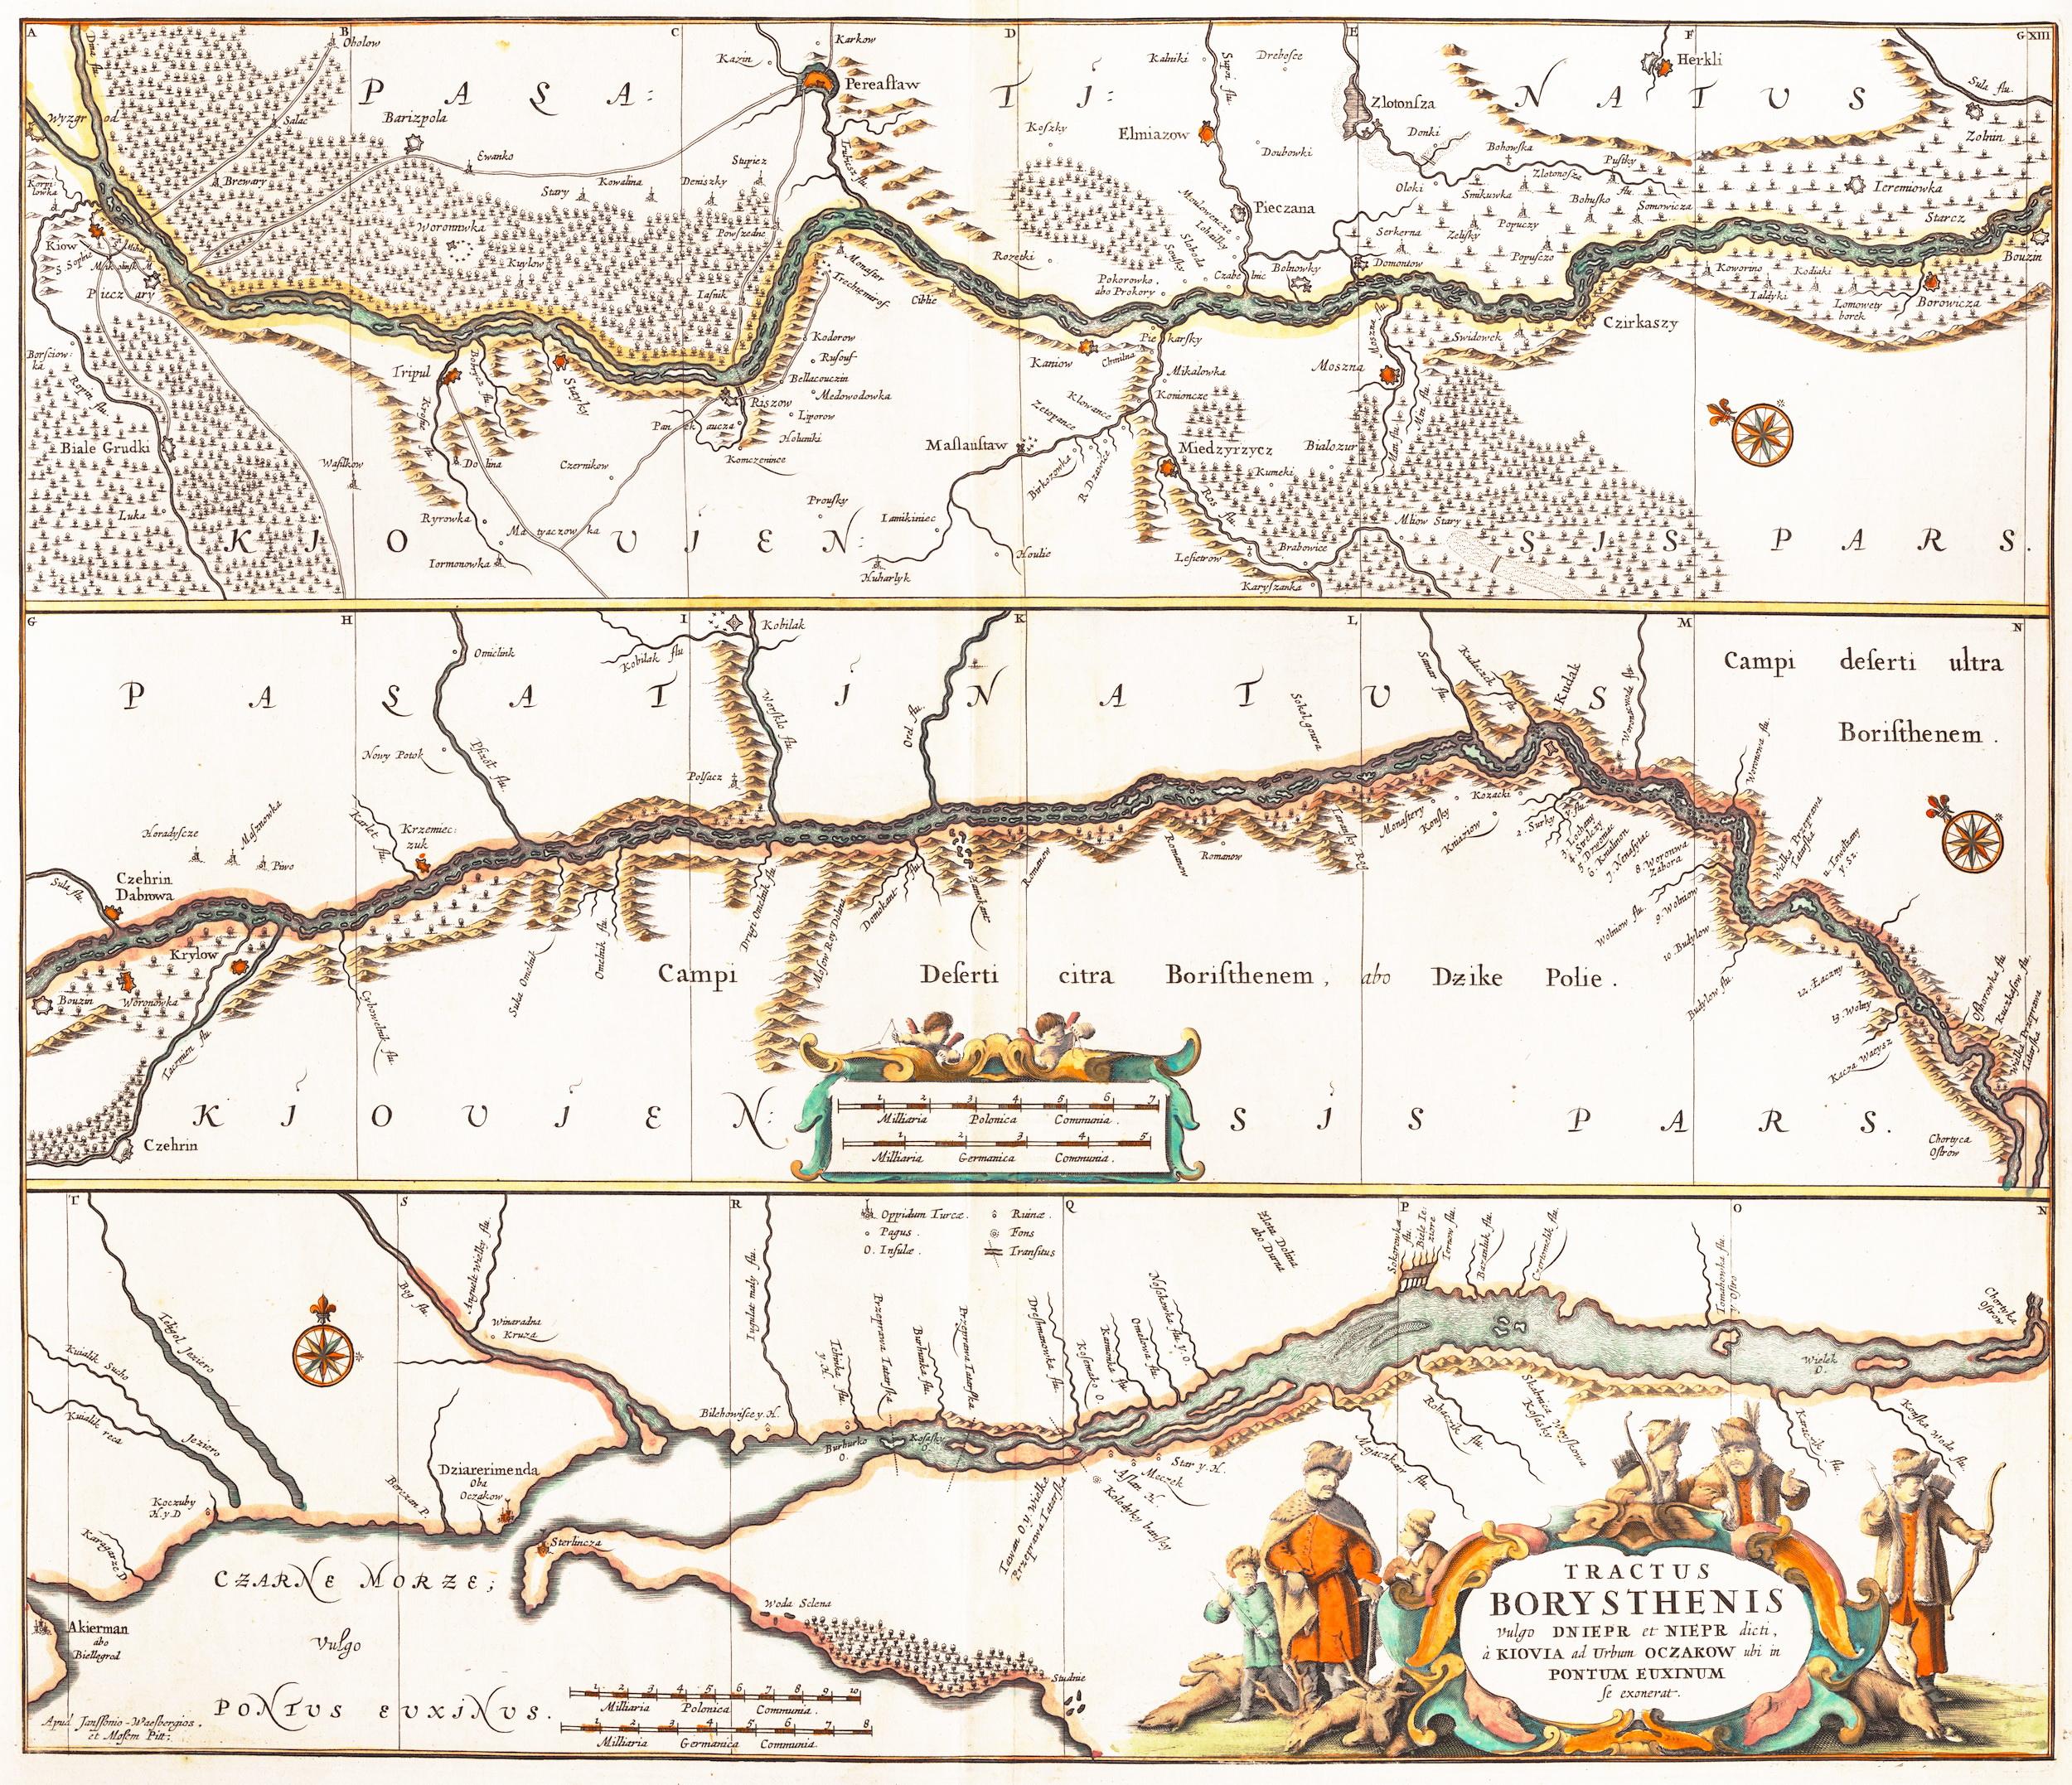 1680 - TRACTUS BORYSTHENIS vulgo DNIEPR et NIEPR dicti, à KIOVIA ad Urbum OCZAKOW, Moses Pitt (Oxford)